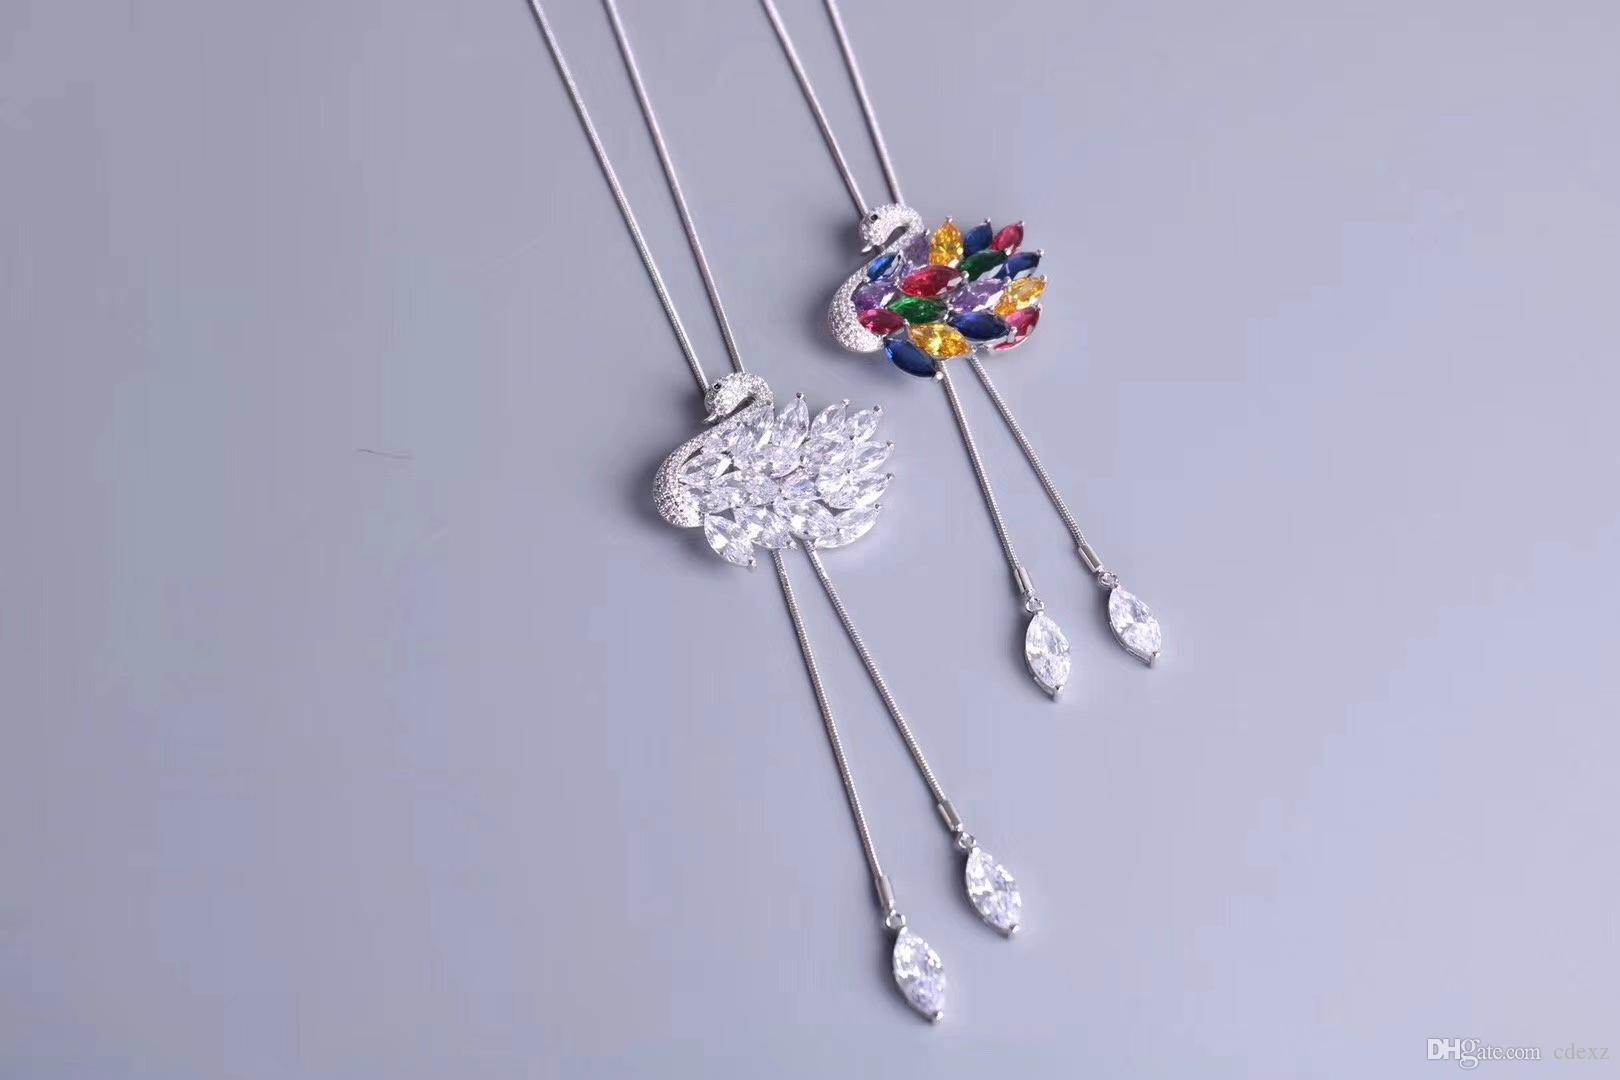 Кристаллы форма Swarovski корейское издание Белый лебедь высококачественный брошь свитер цепи длинный участок ожерелье одежда украшение выбор для леди